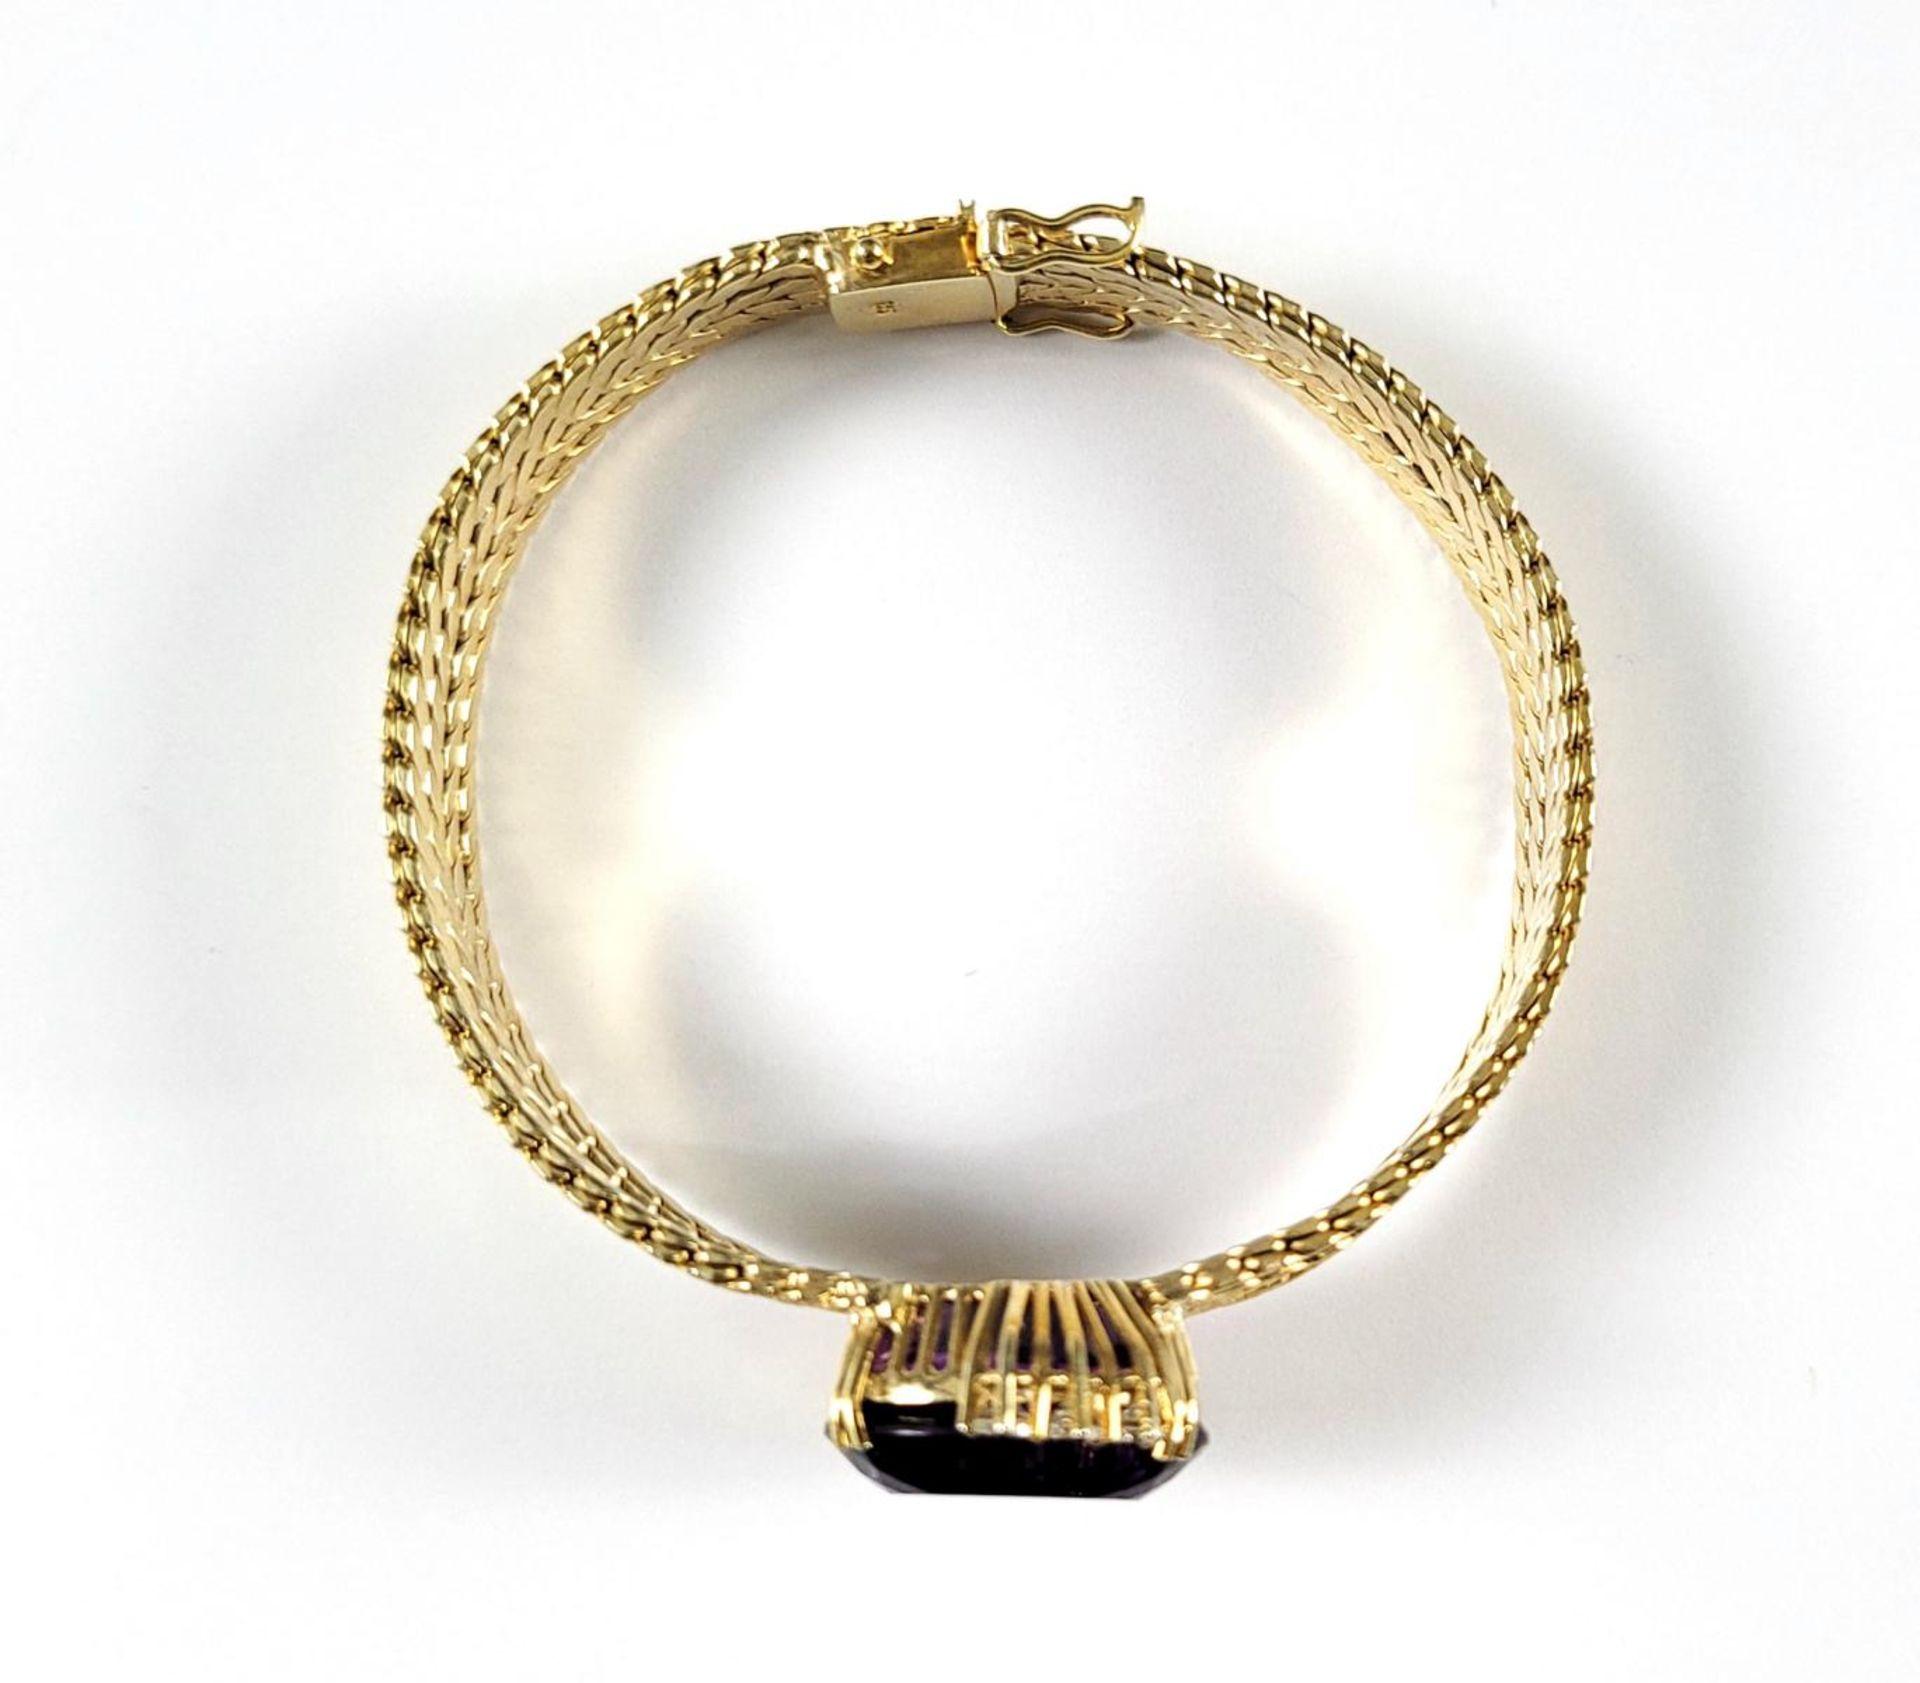 Damenarmband mit großem, facettierten Amethyst und Diamanten, 14 Karat Gelbgold - Bild 5 aus 7